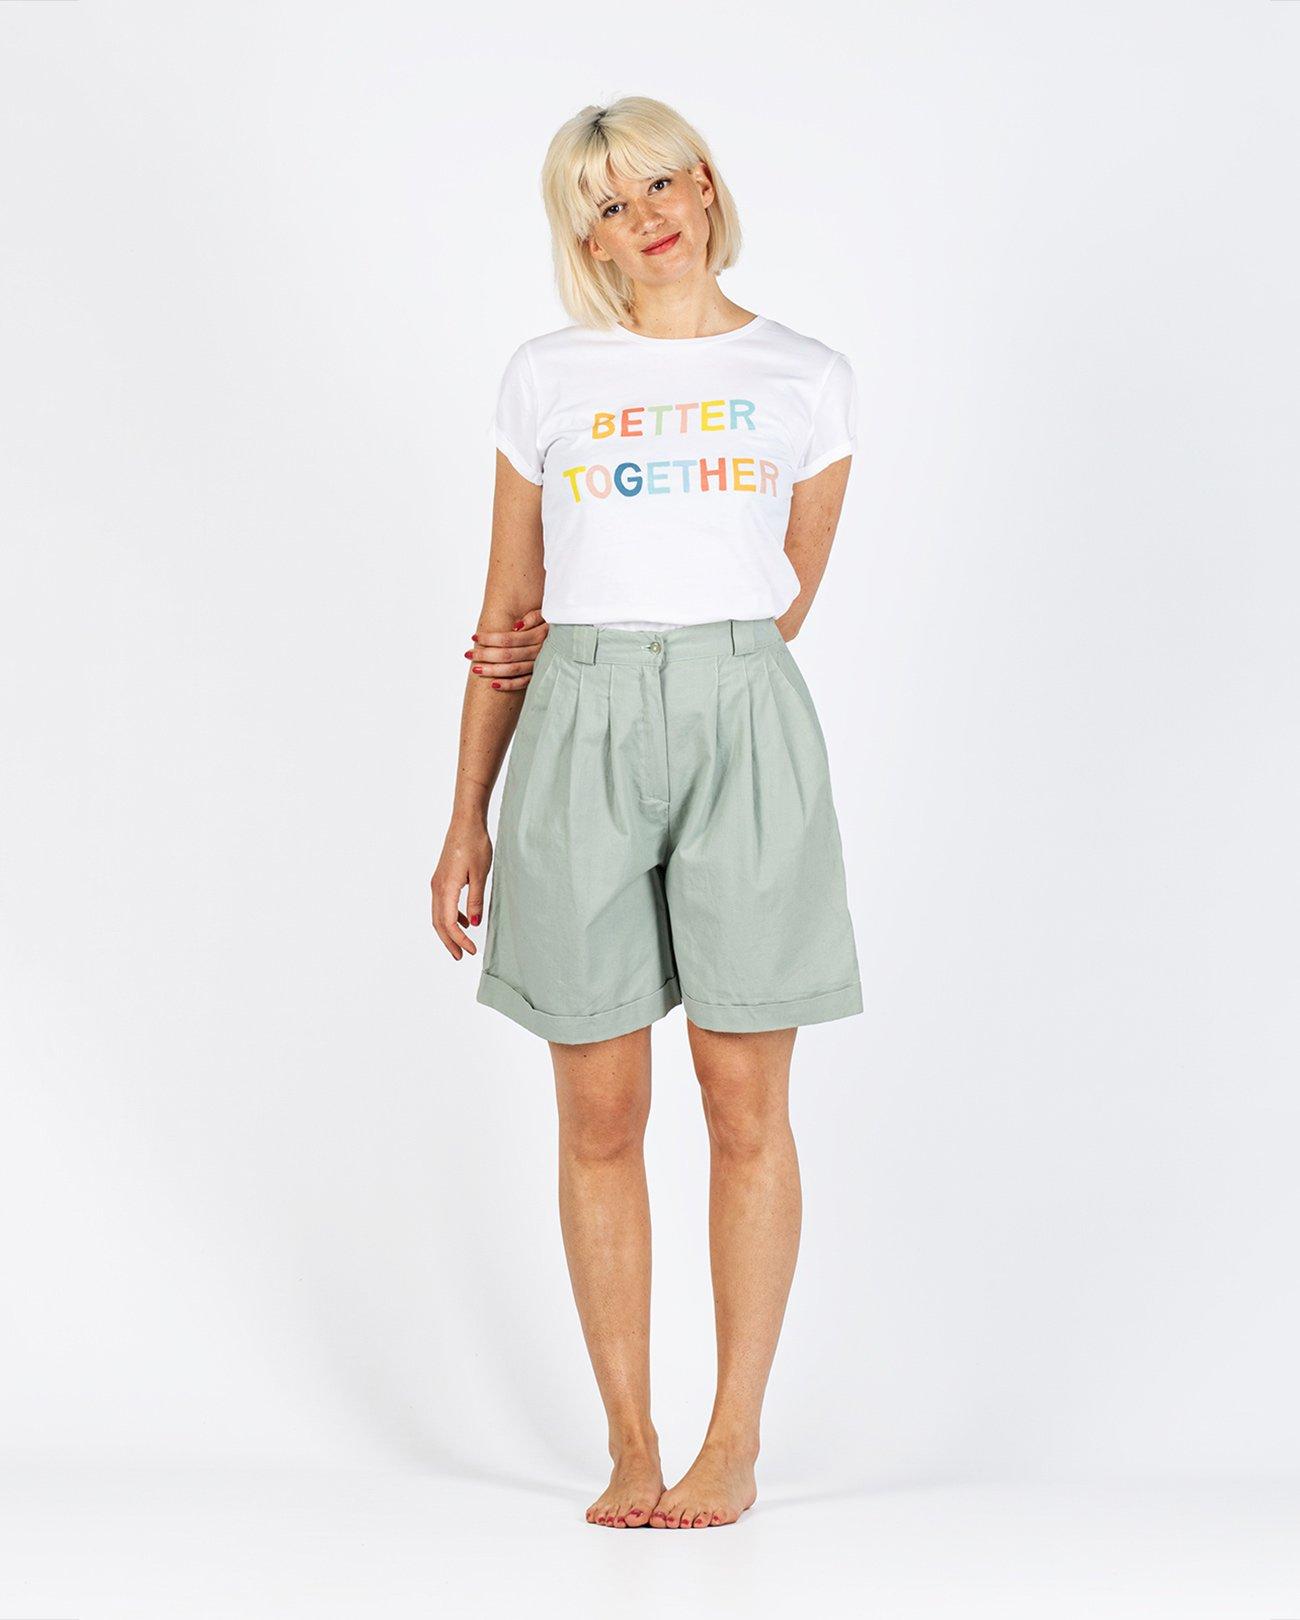 Camiseta solidaria covid-19